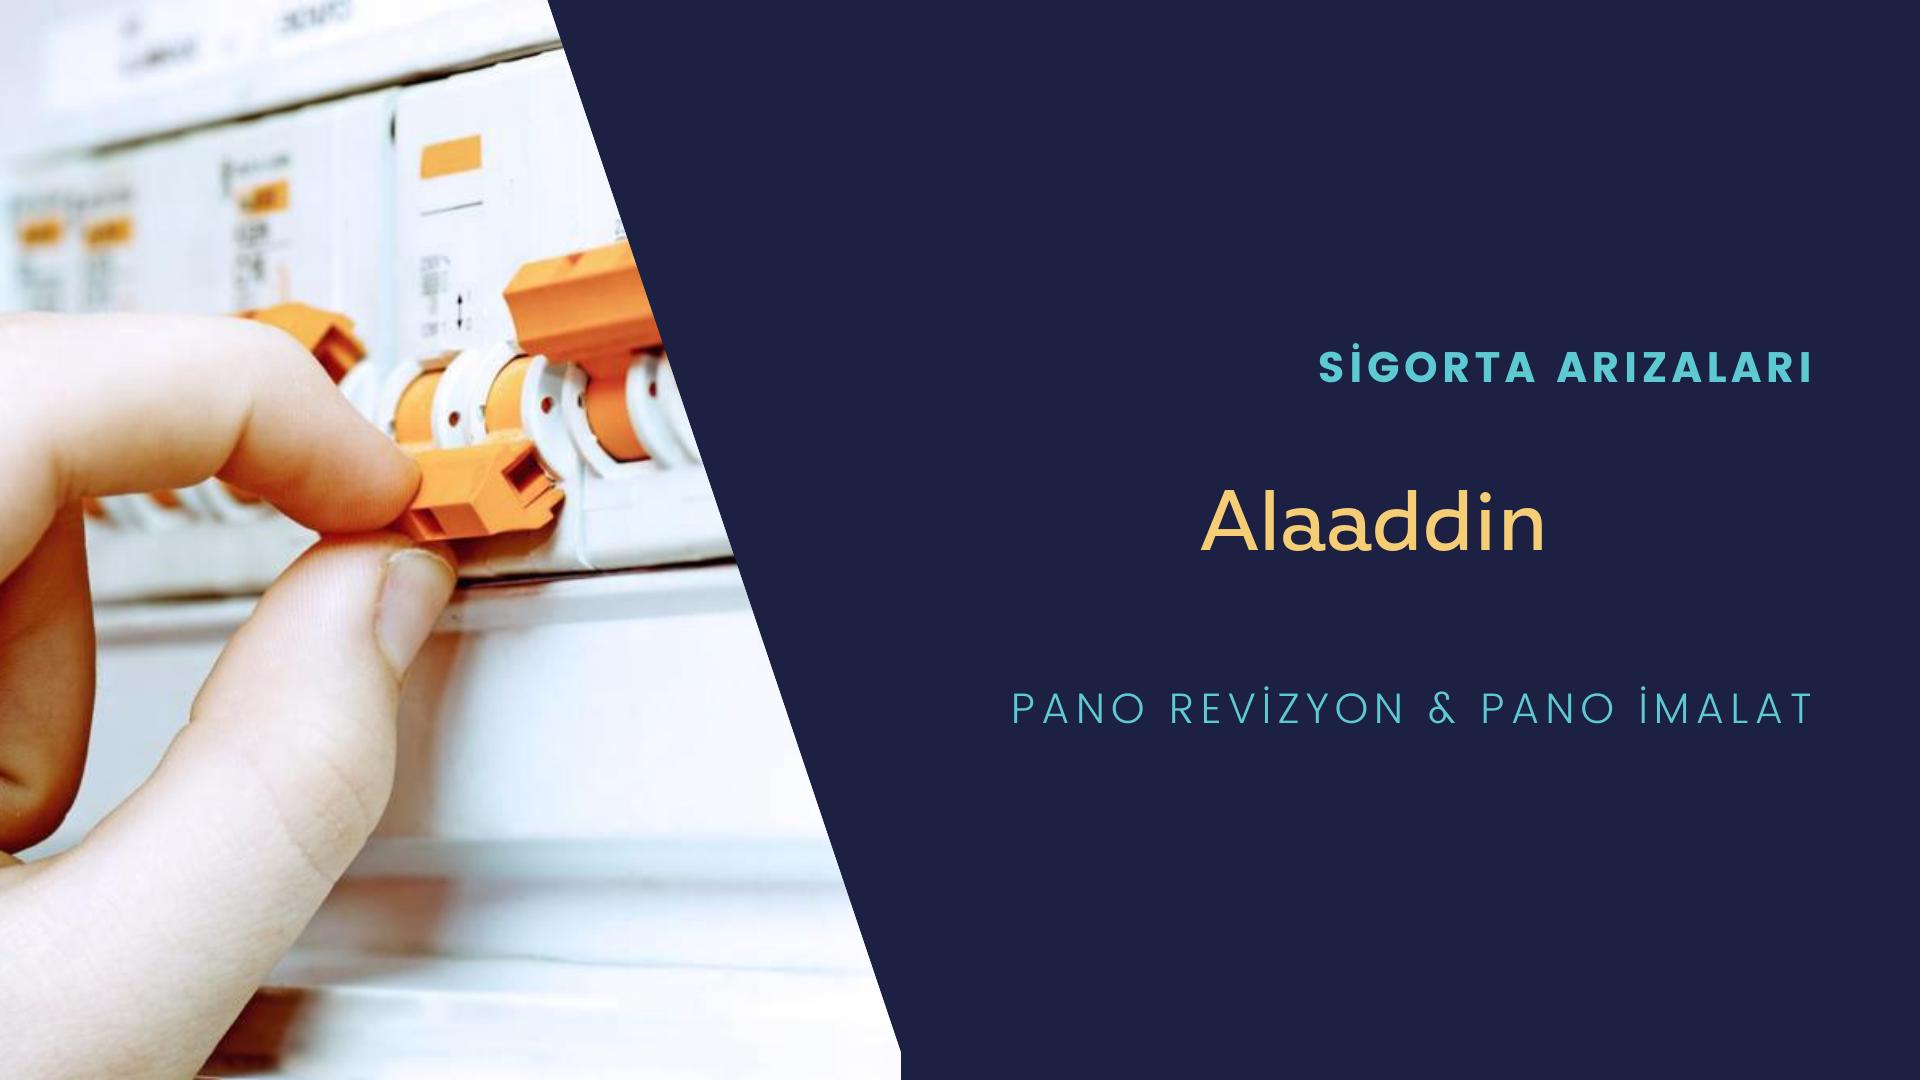 Alaaddin  Sigorta Arızaları İçin Profesyonel Elektrikçi ustalarımızı dilediğiniz zaman arayabilir talepte bulunabilirsiniz.